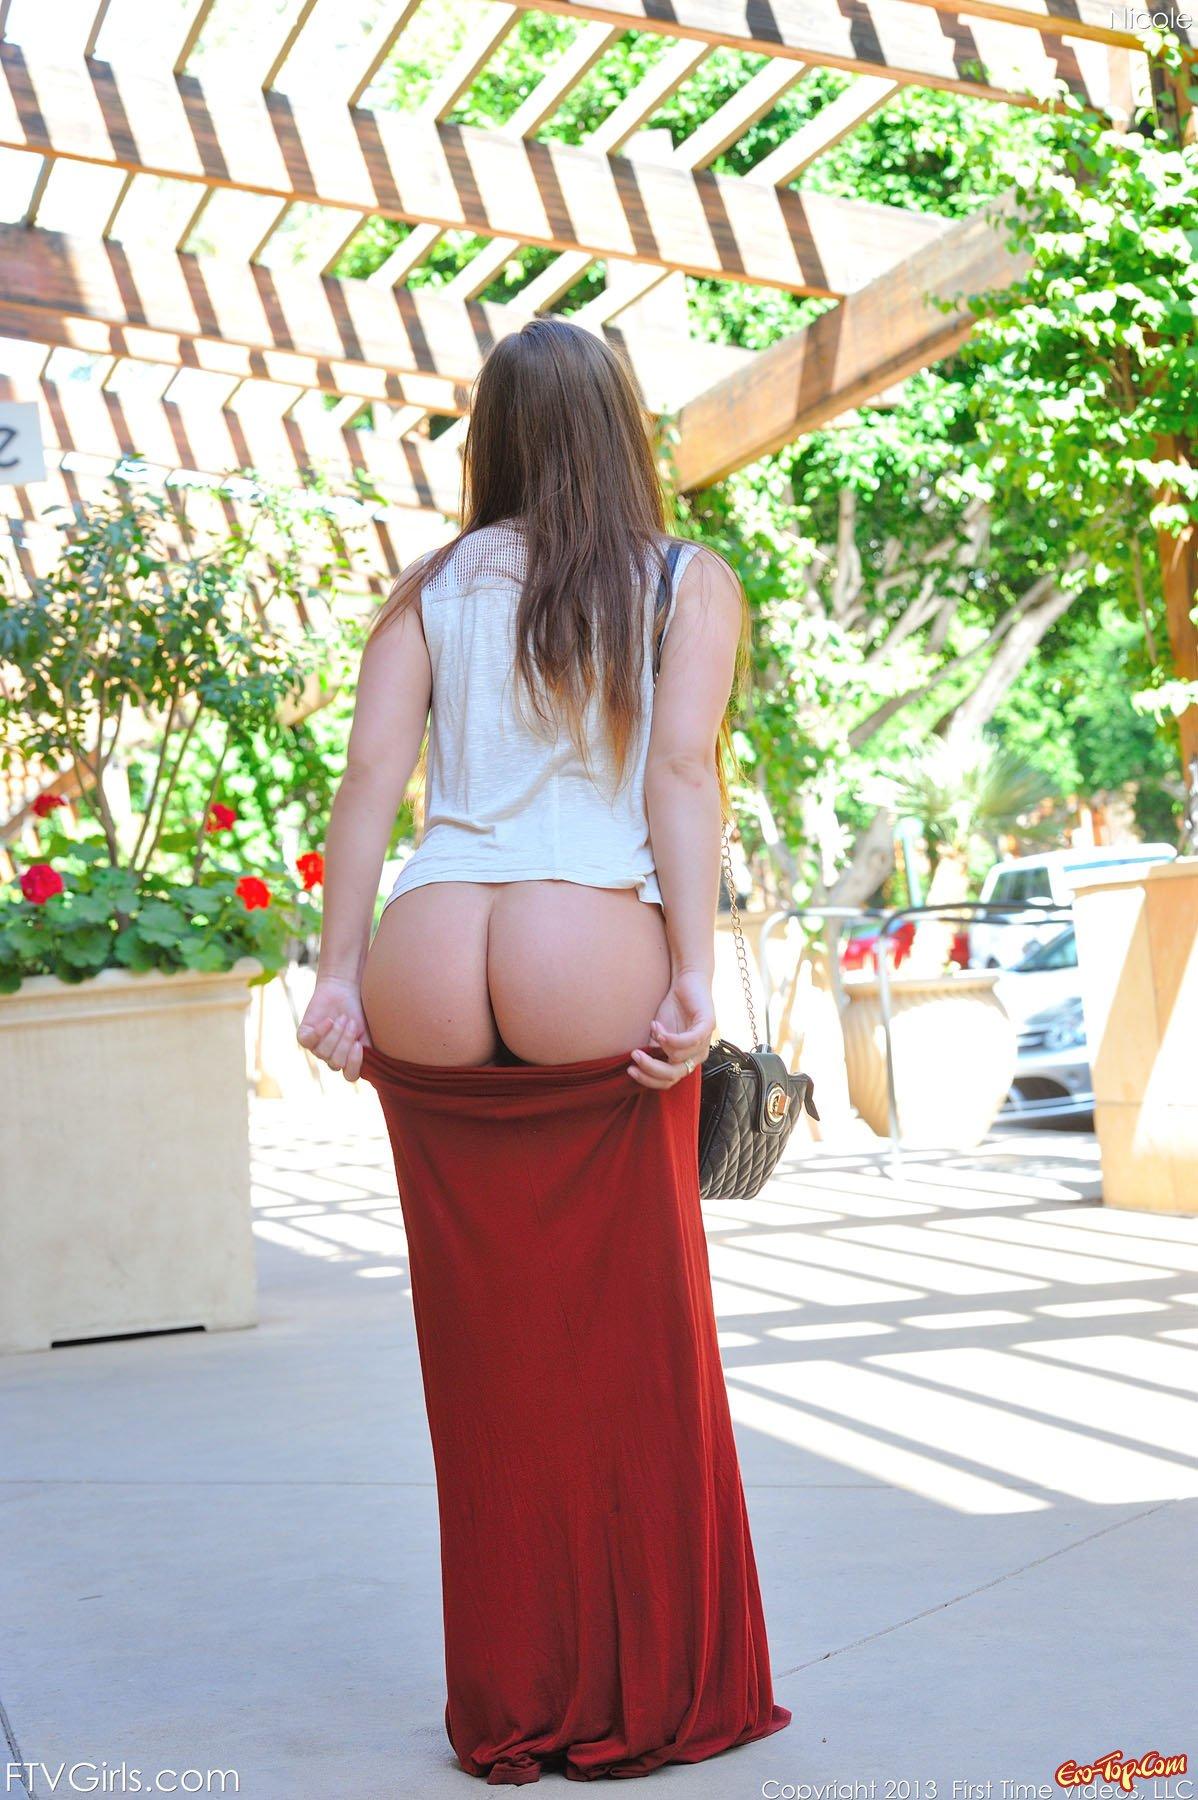 Девушка снимает нижнее белье публично секс фото